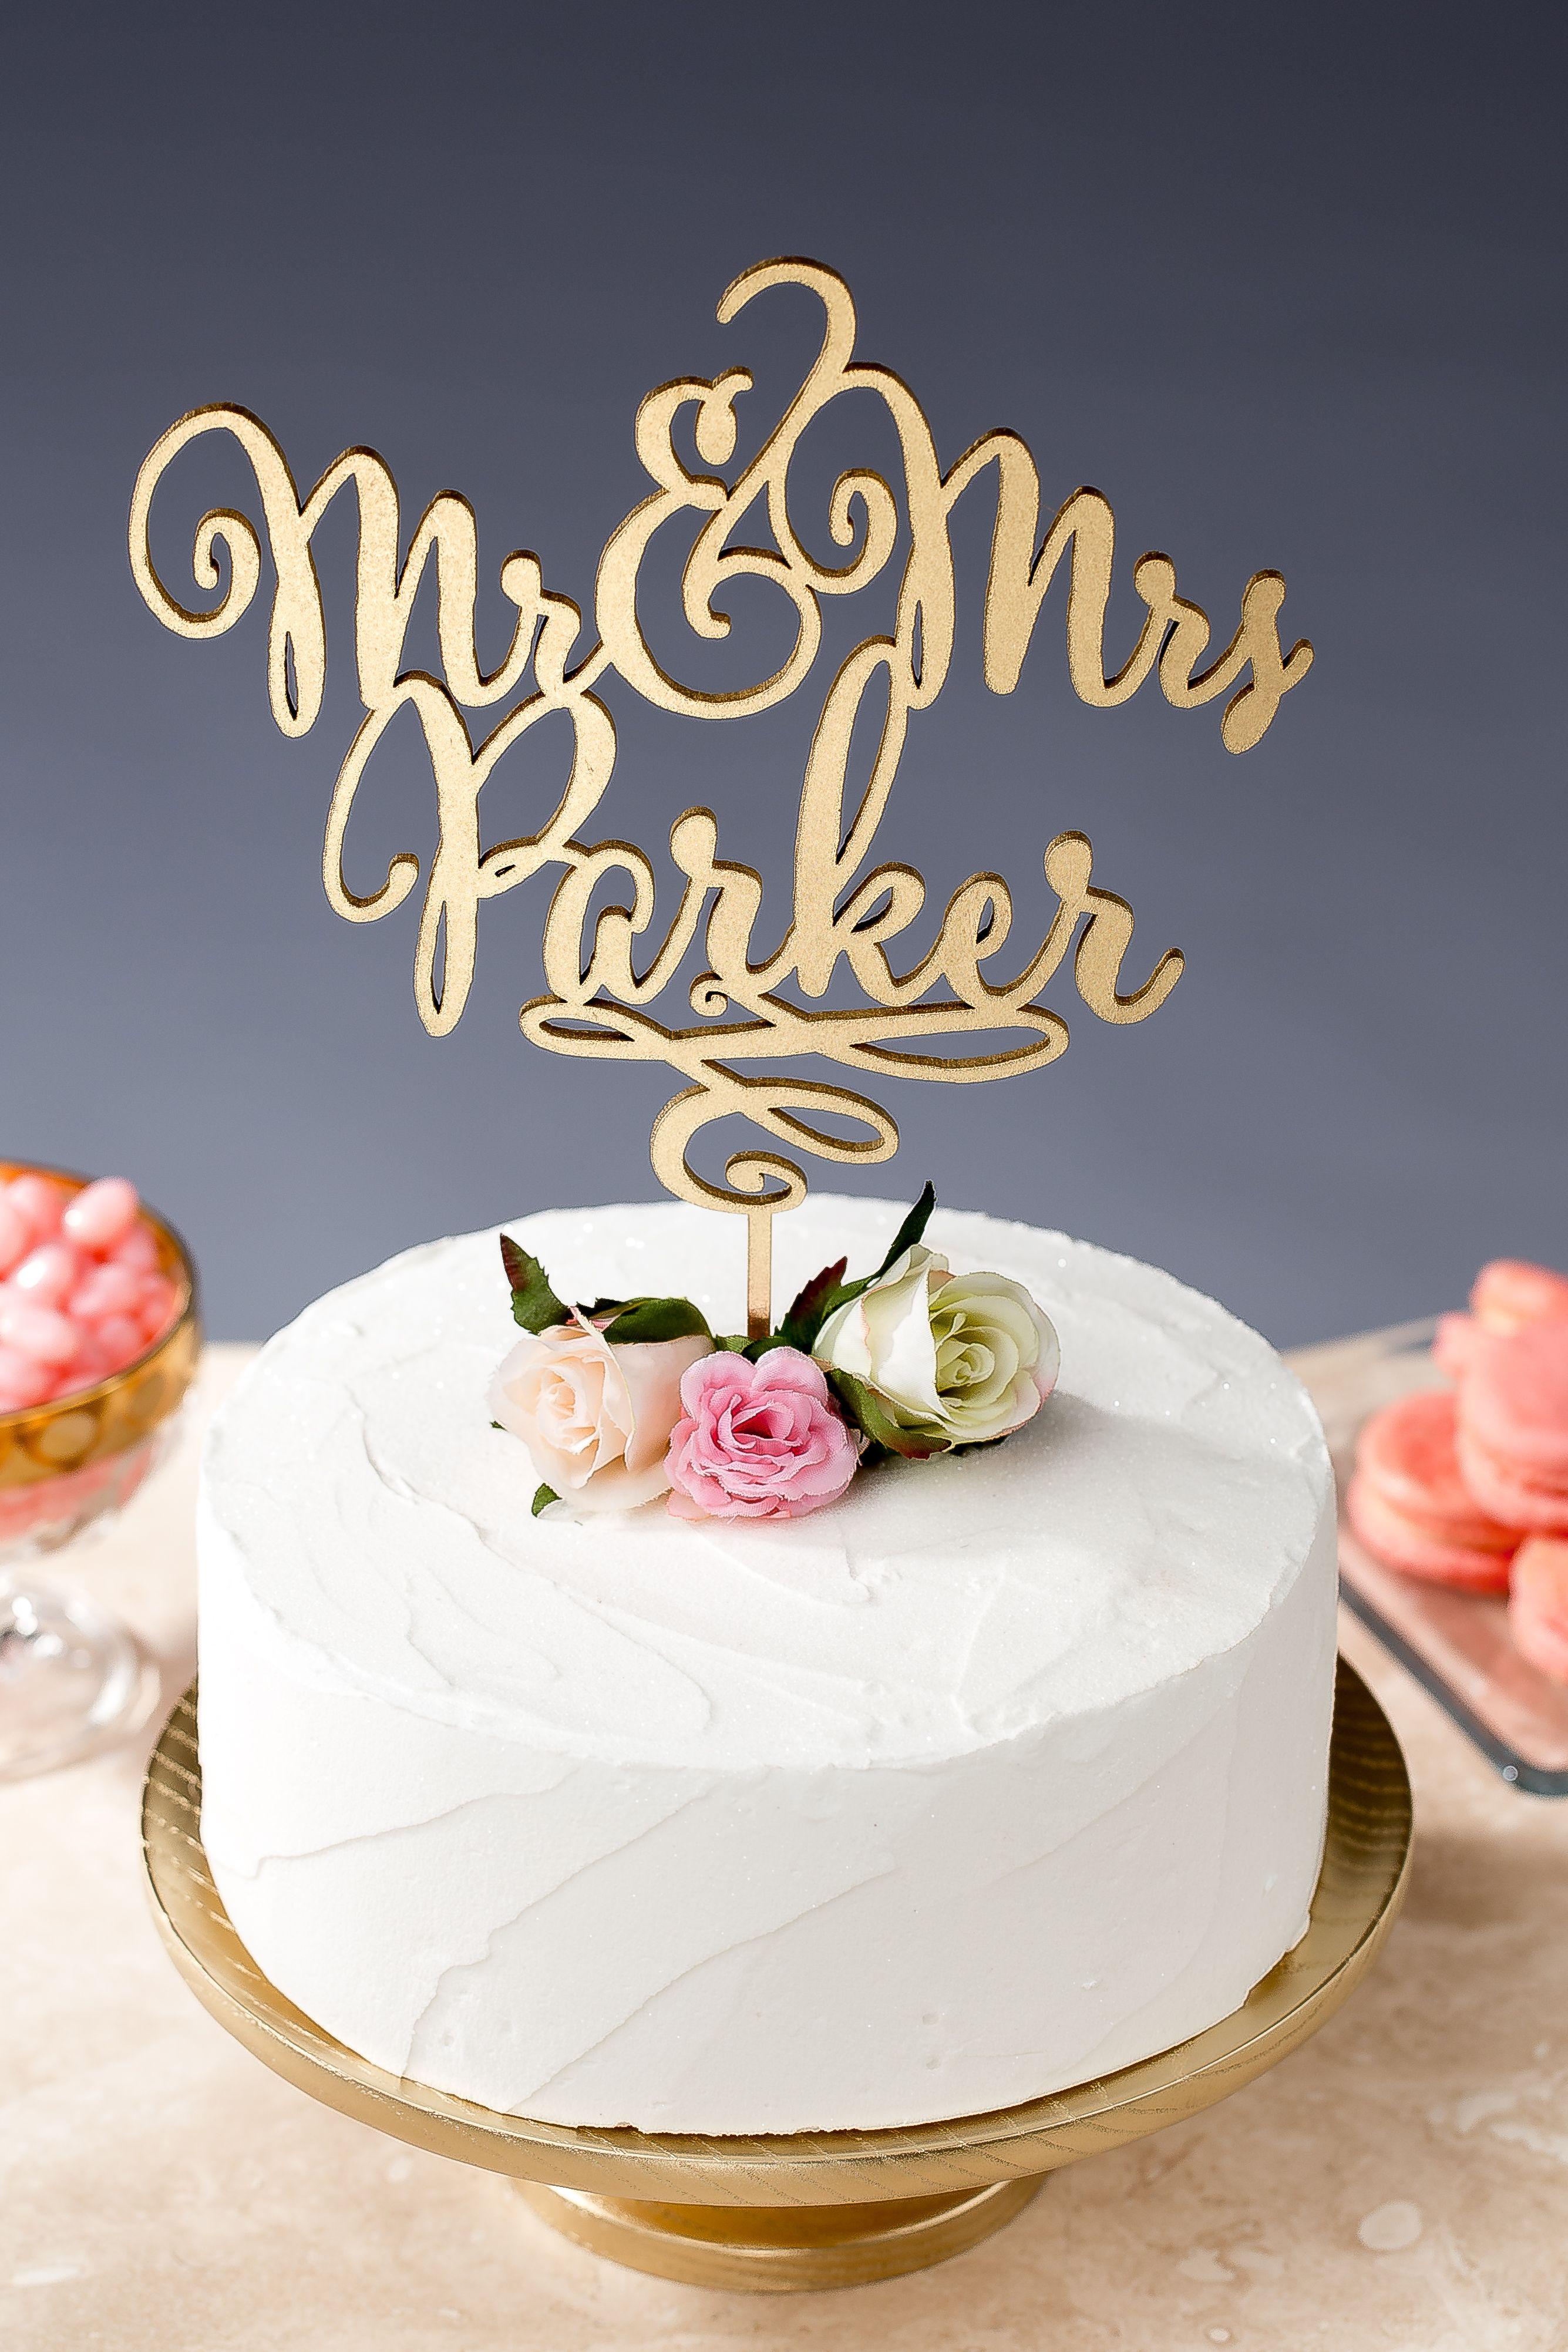 Braut Und Bräutigam Hochzeit Kuchen Dekor Kuchenstecker Topper Cake Topper